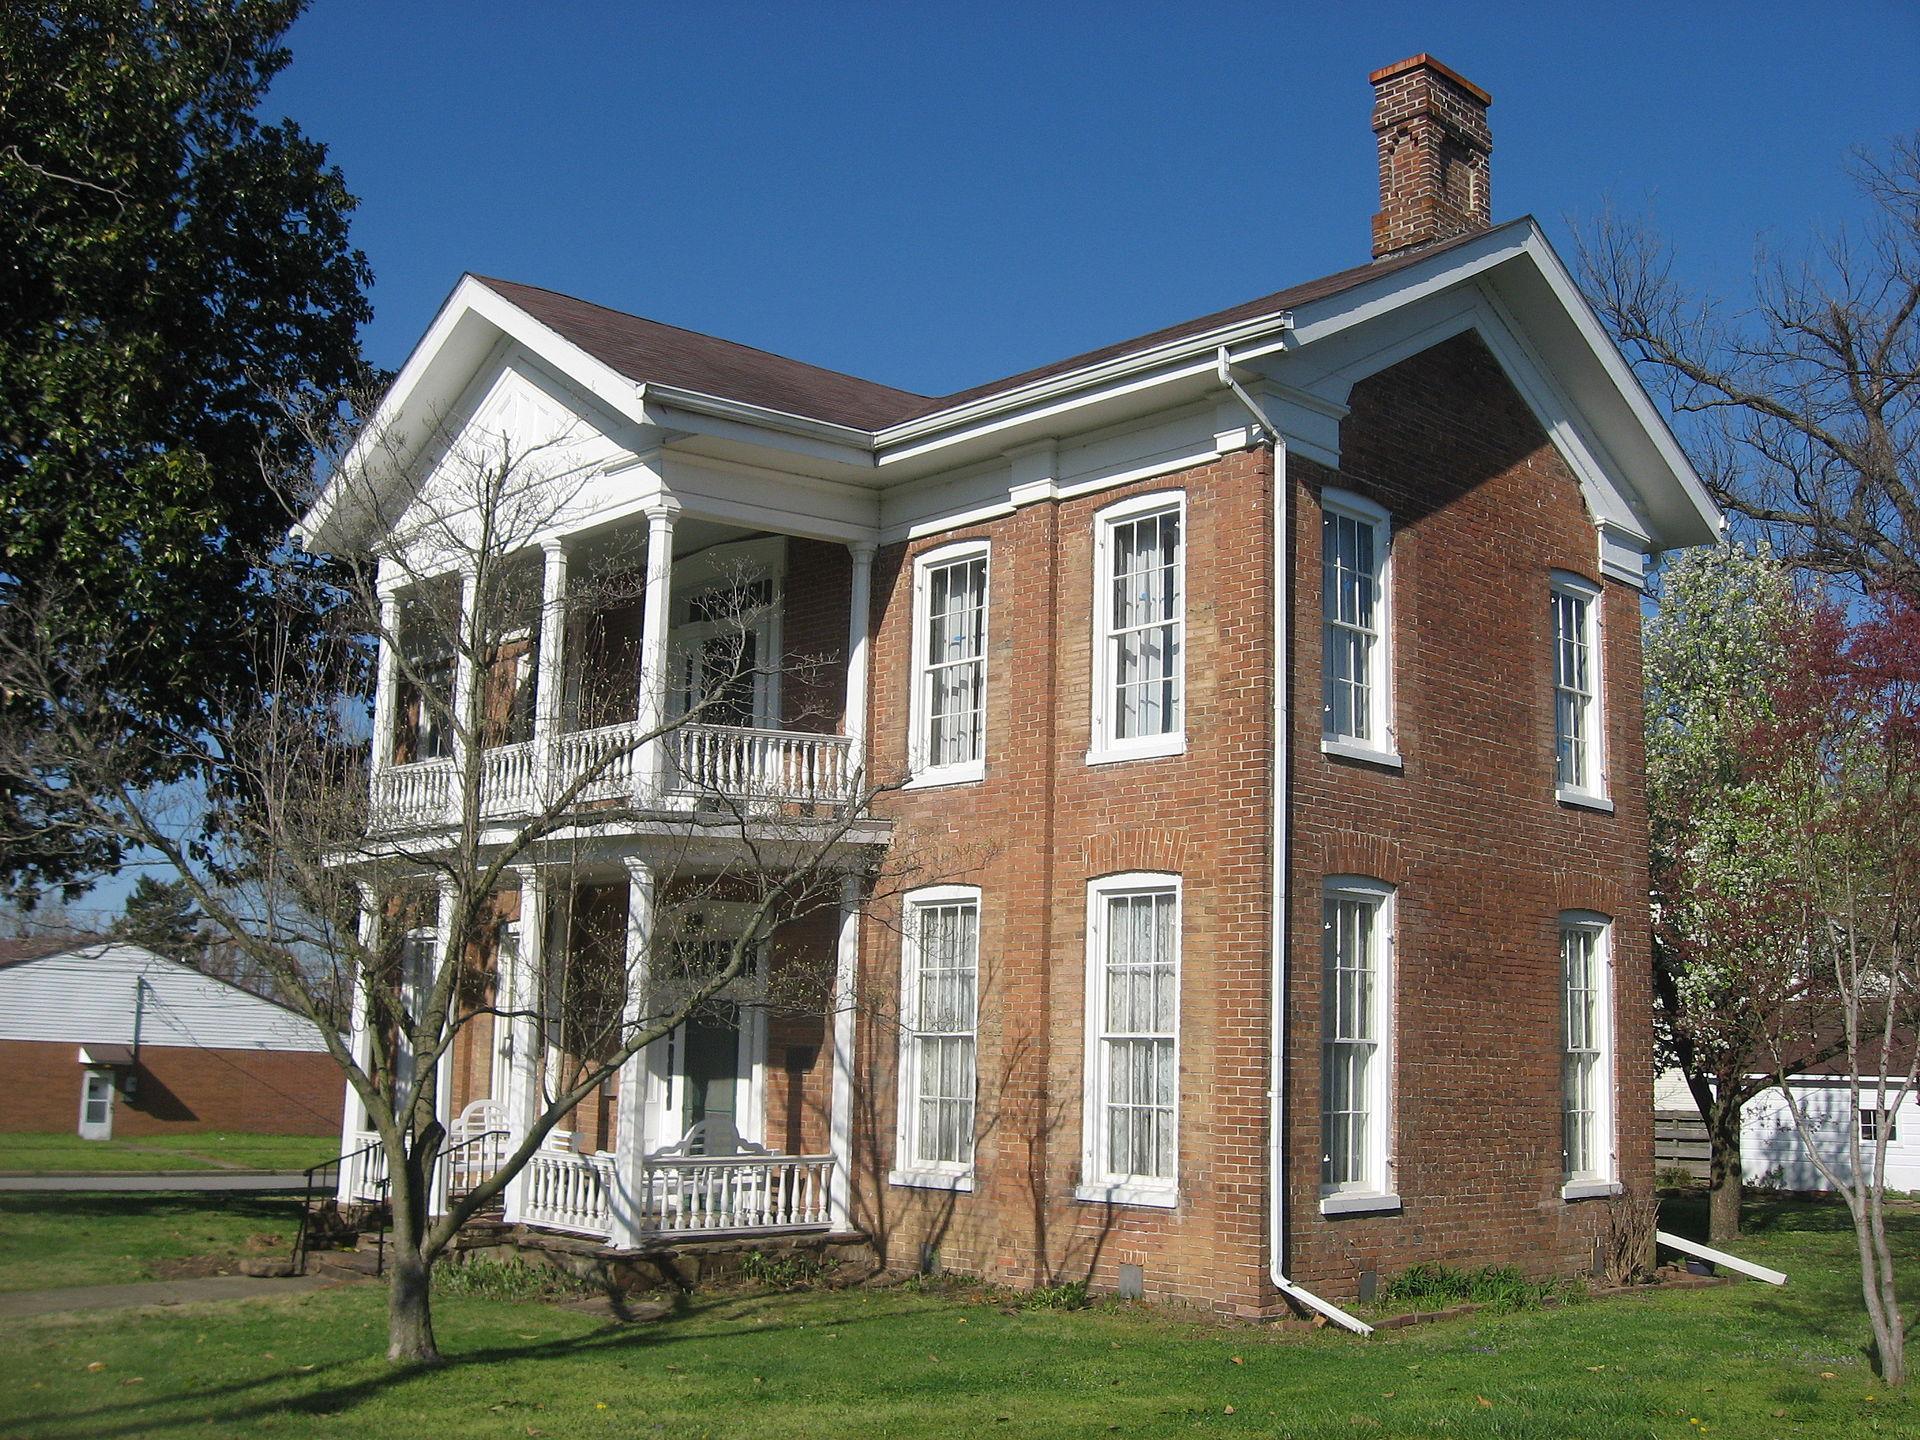 The Elijah P. Curtis House